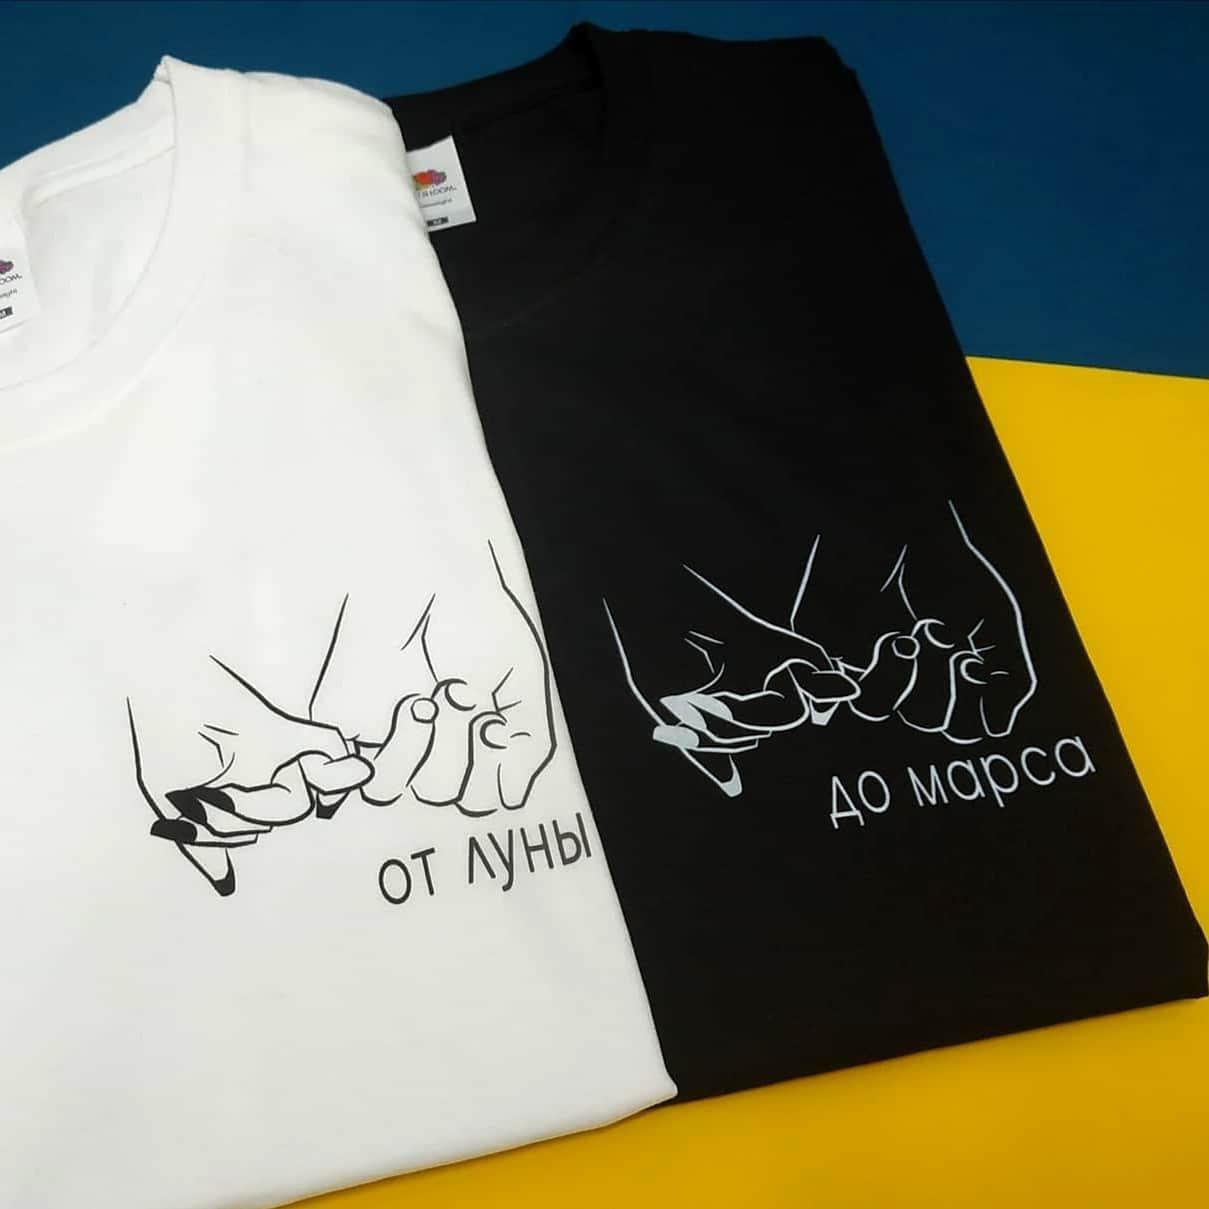 Парные футболки. Печать на футболке от луны до марса. Печать на футболках в Киеве. Печать на одежде Киев. От луны до марса на футболке. Оригинальная печать на заказ.